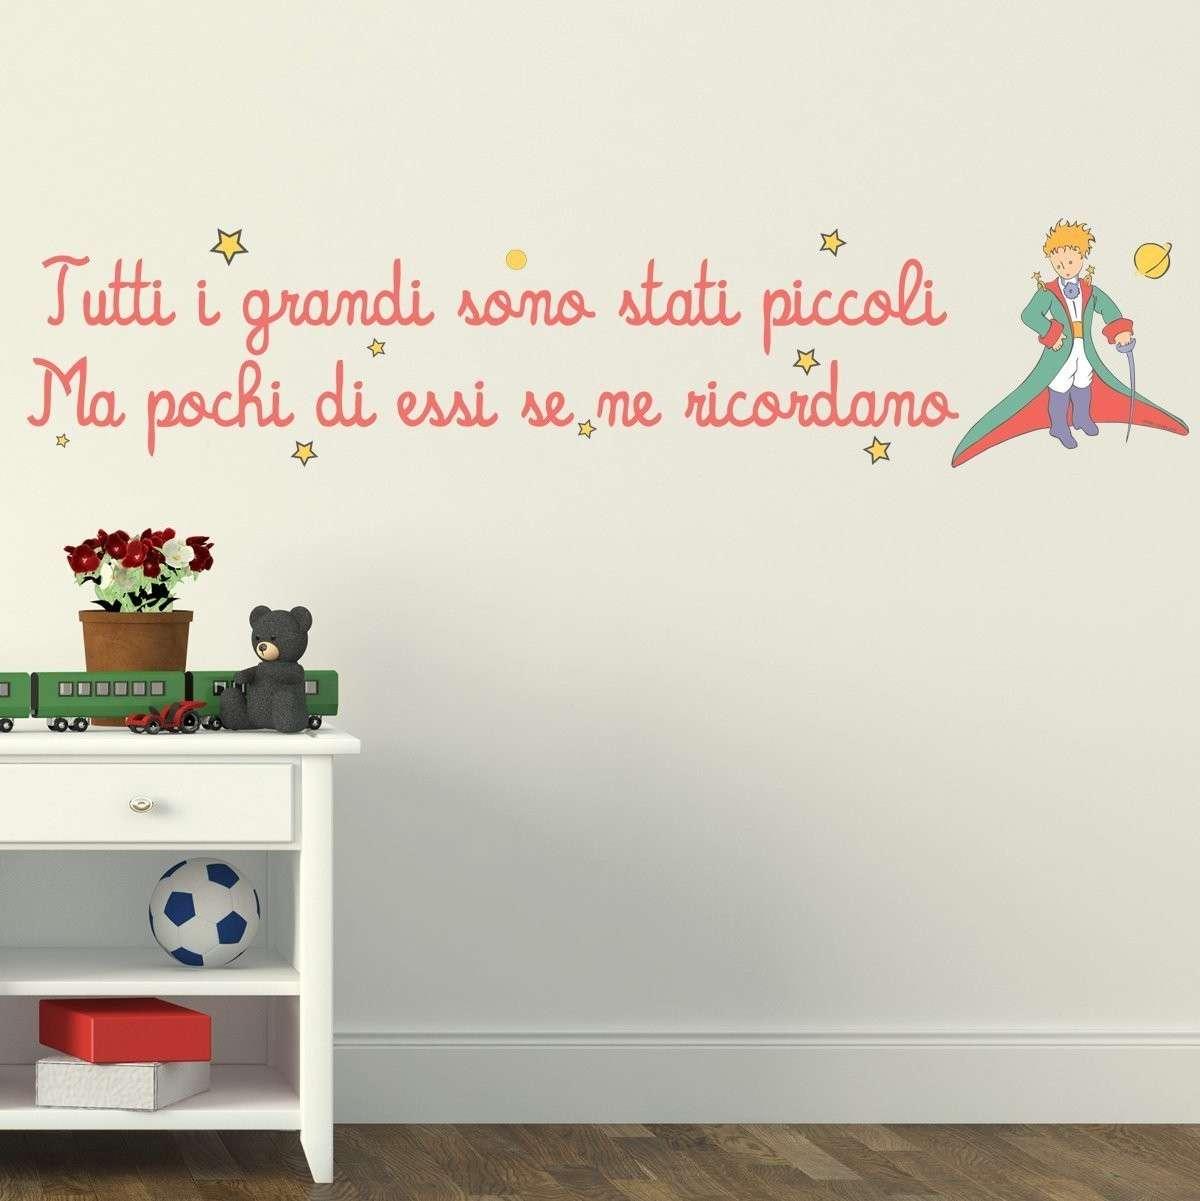 Frase celebre sulle pareti